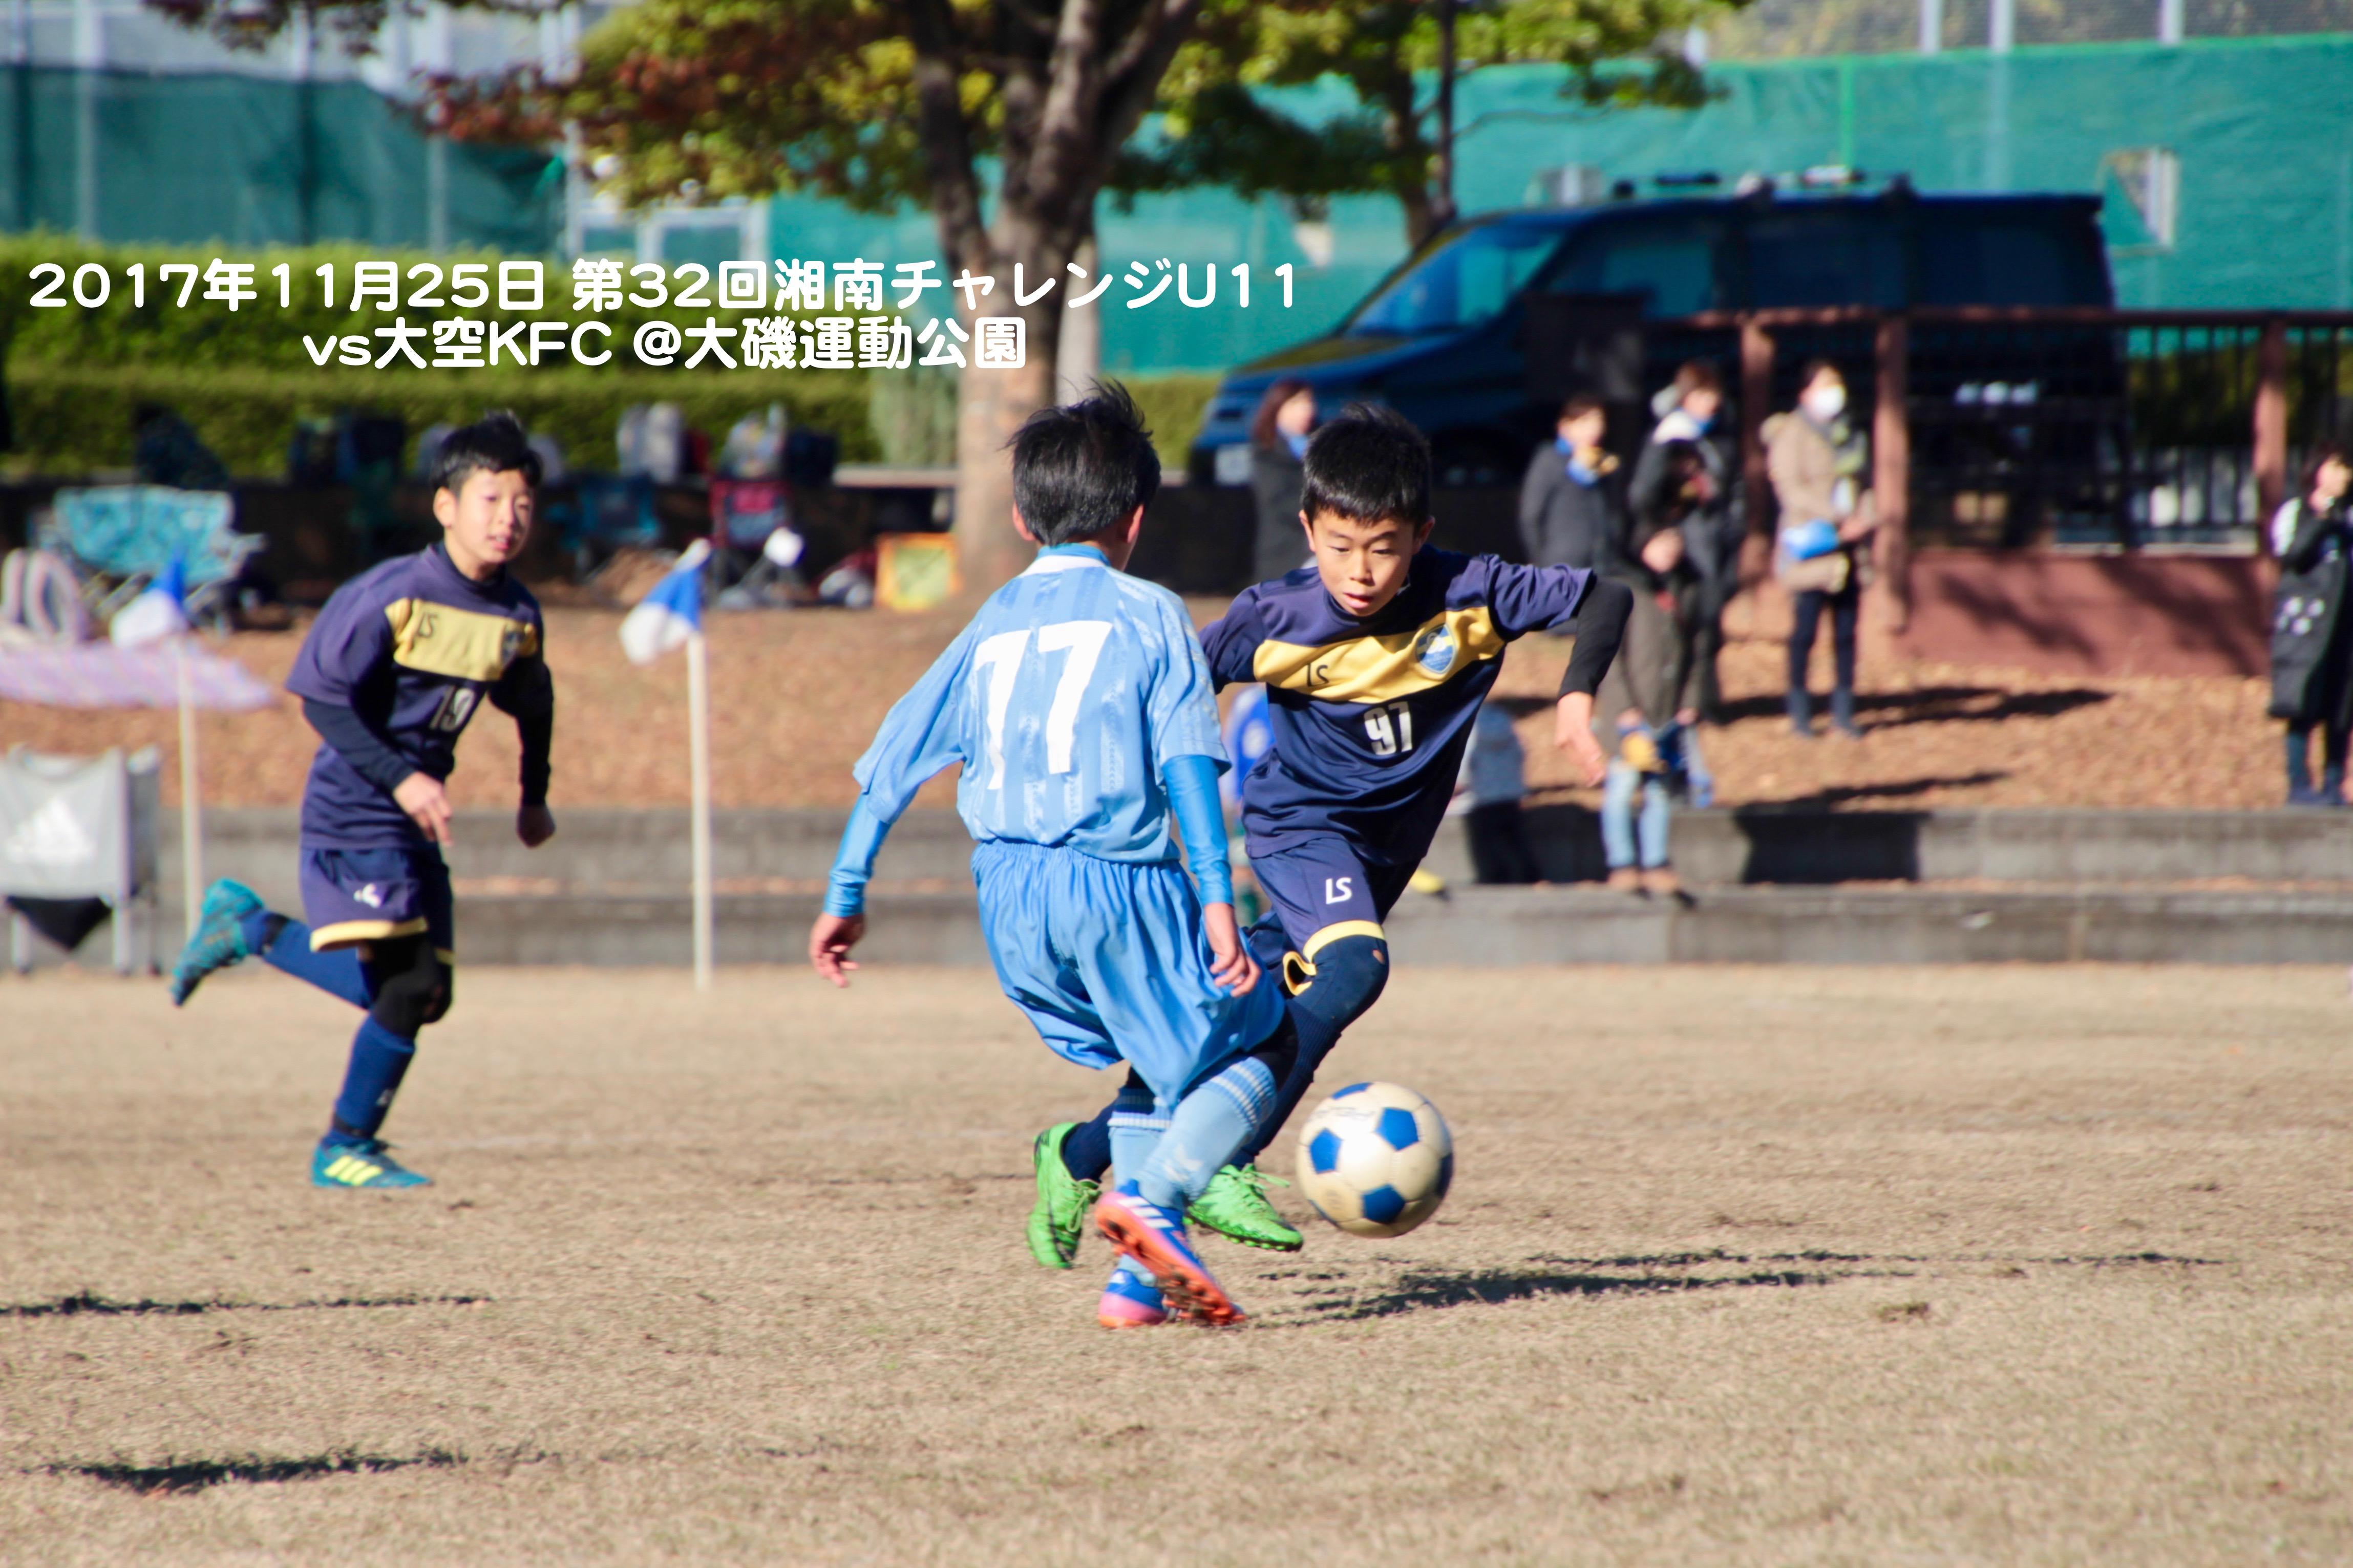 171125 湘南チャレンジ11